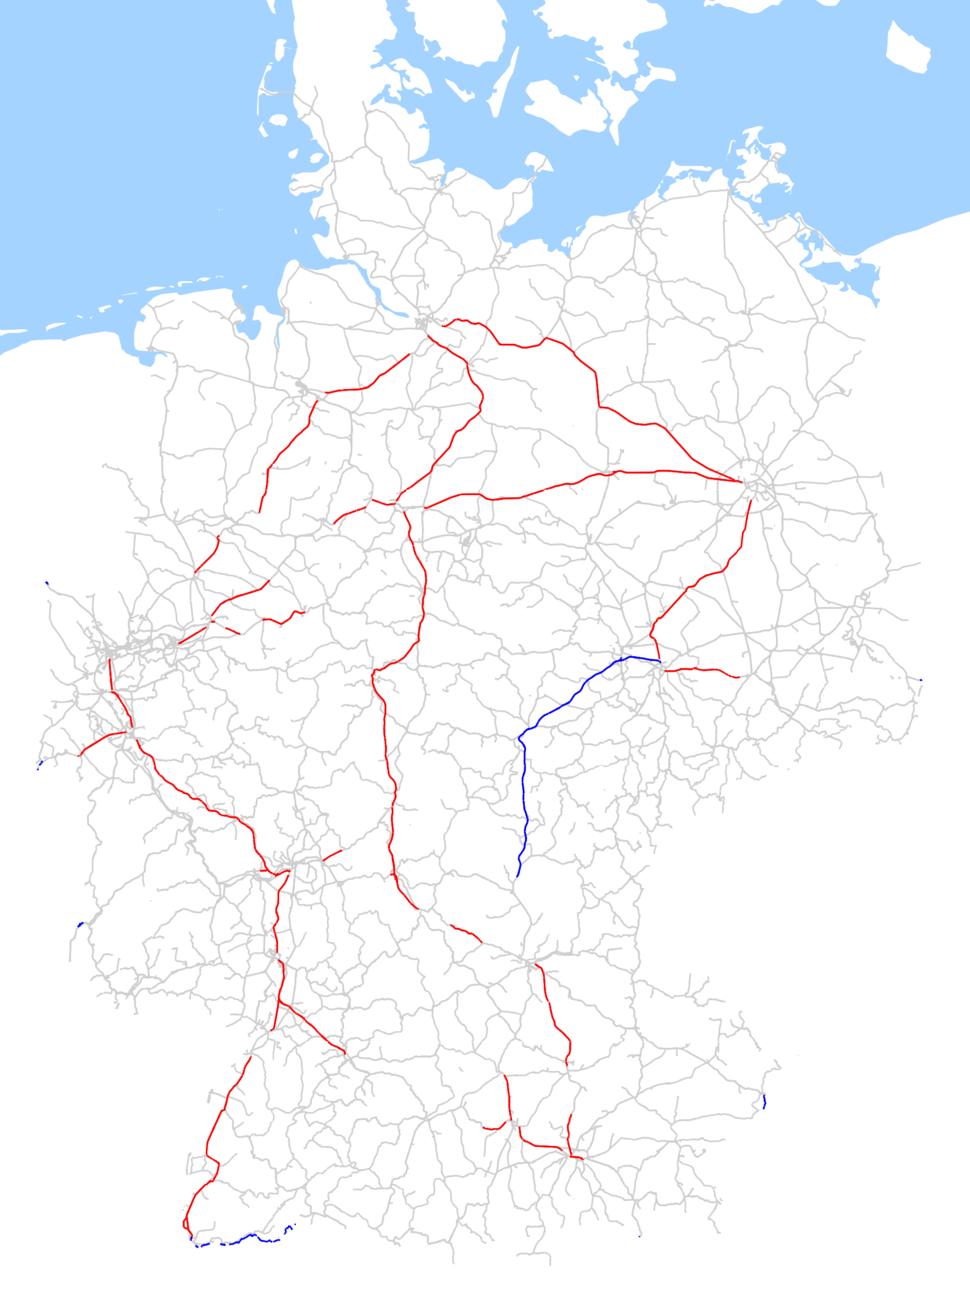 Zugbeeinflussungssysteme in Deutschland, Dezember 2017